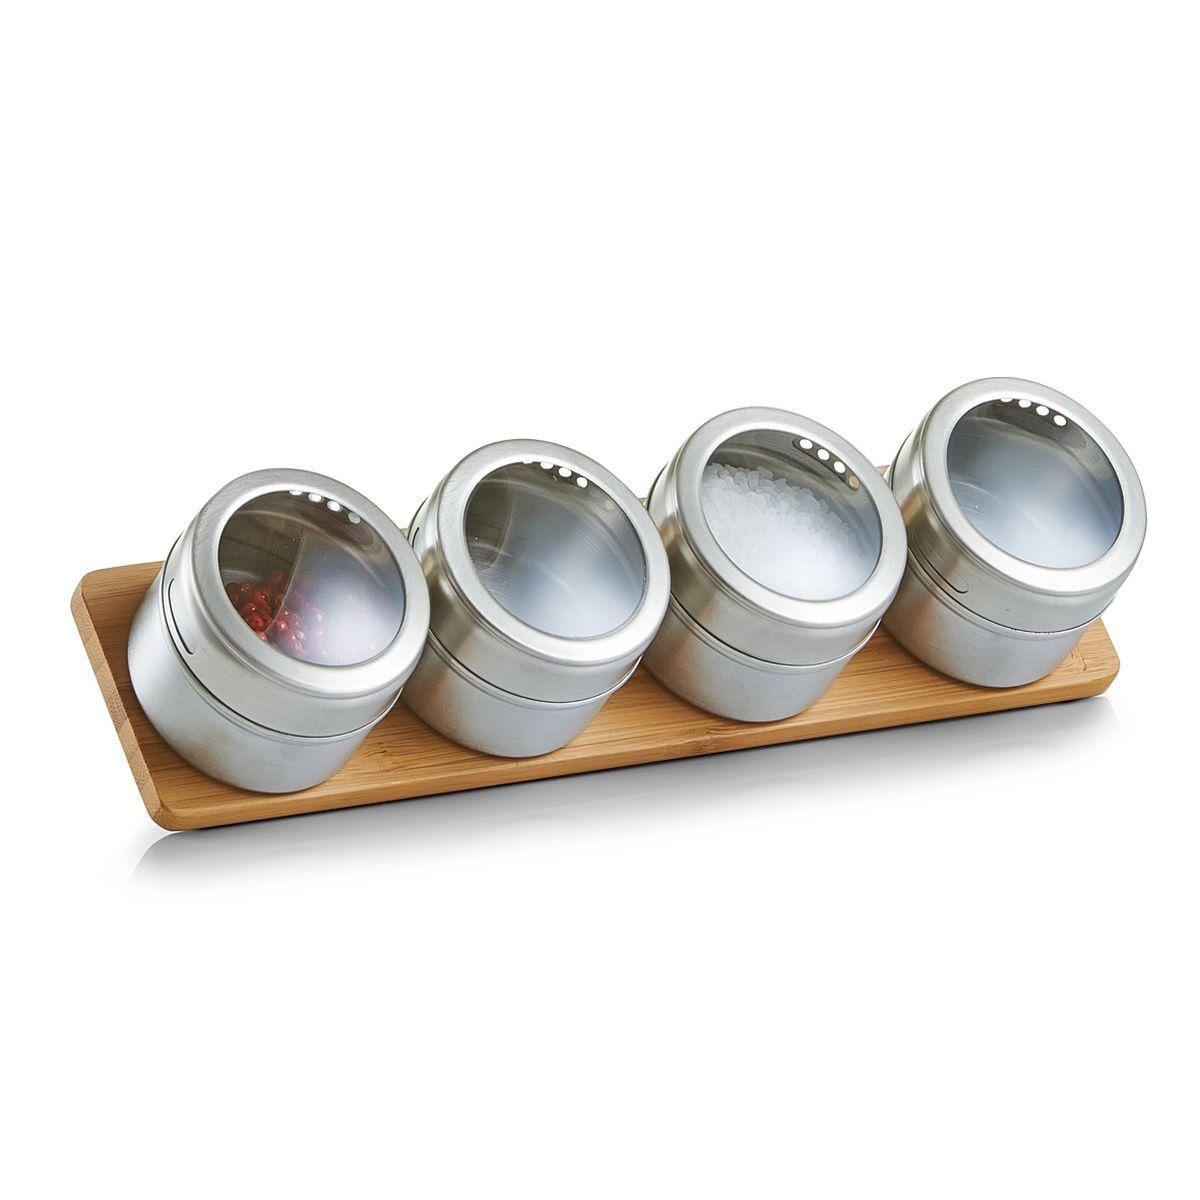 Набор для специй Zeller, на подставке, 5 предметов, 28 х 6,8 х 6 смH572720Набор Zeller состоит из четырех баночек для специй и подставки. Баночки выполнены из нержавеющей стали, оснащены закручивающимися металлическими крышками. Подставка из дерева. Набор для специй стильно оформит интерьер кухни и станет незаменимым при приготовлении пищи. Компактный, он не занимает много места.